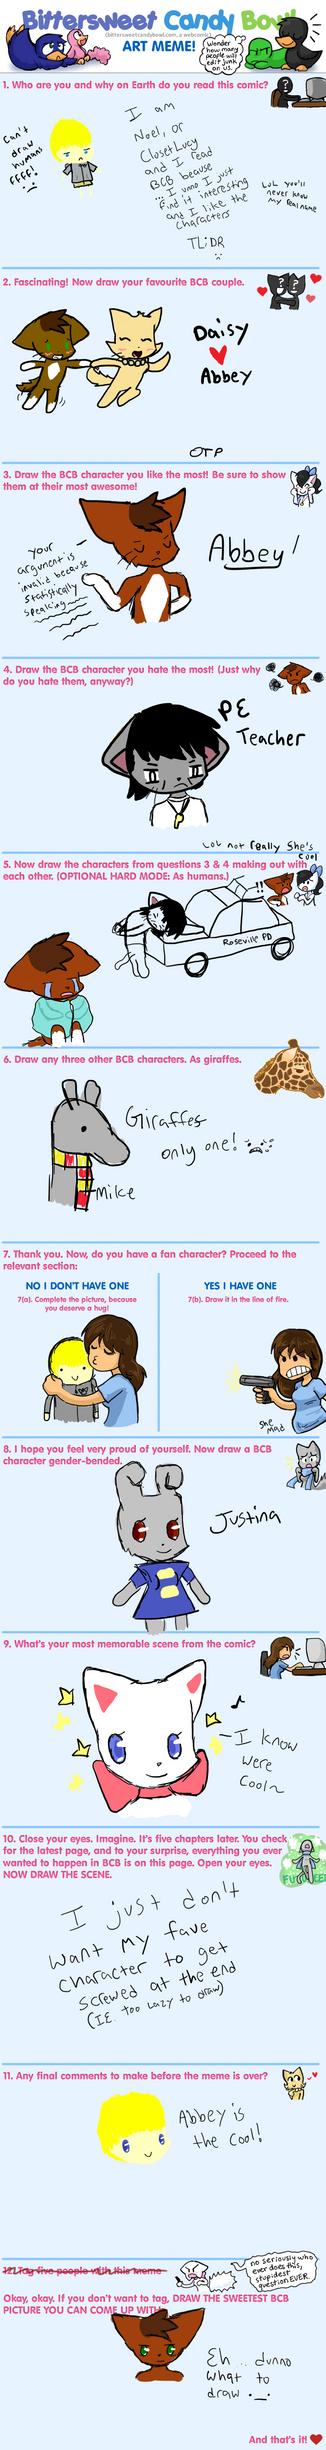 BCB Art Meme by SilverKorat